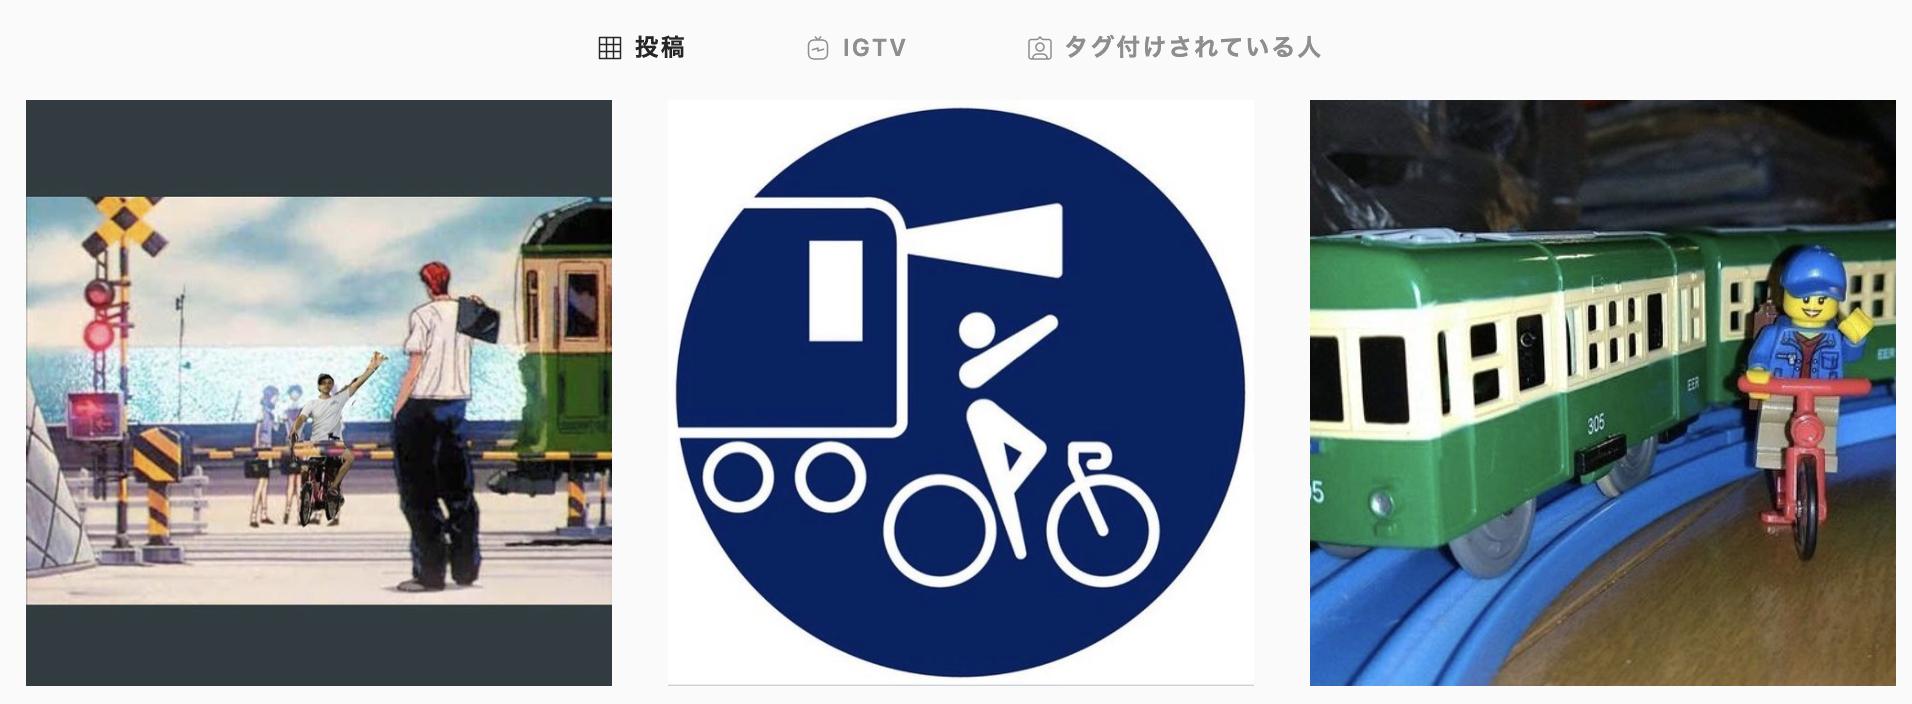 スクリーンショット 2021 08 08 1.02.37 - 【江ノ電自転車ニキ】名前とタコス・メキシコ料理店の場所・インスタ垢まとめ【HOME taco bar】